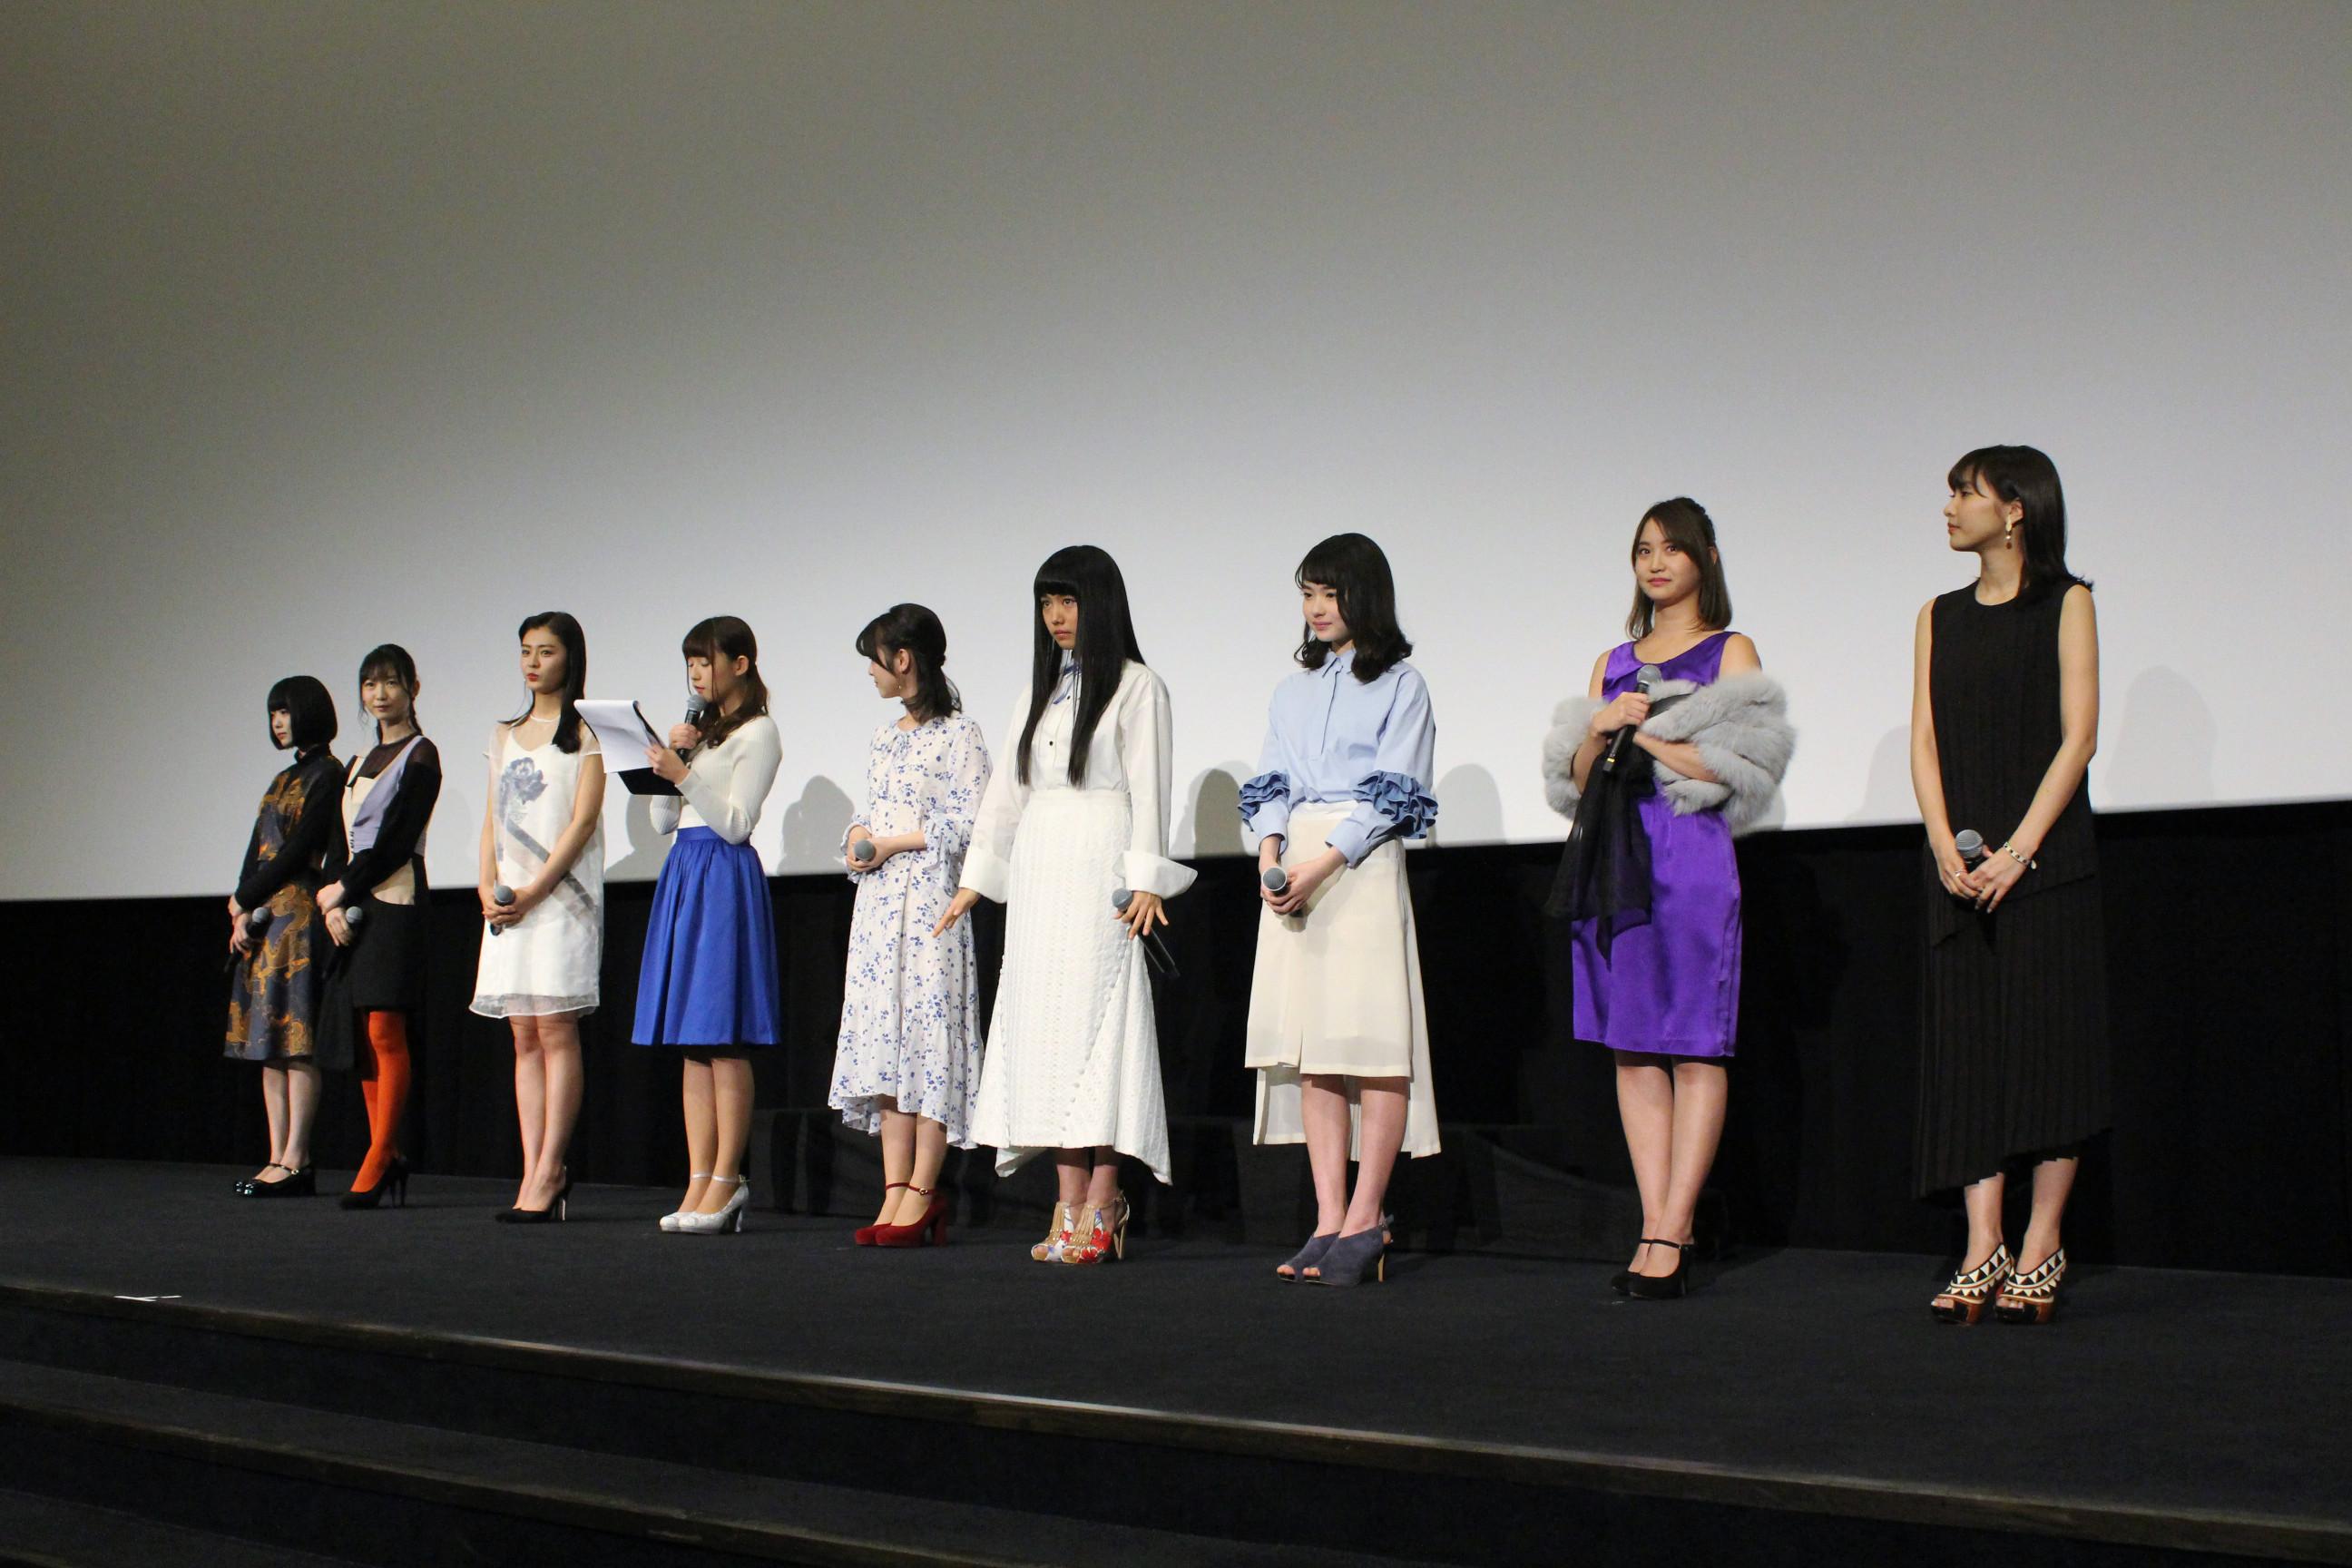 左から、あの、岡本夏美、古畑星夏、浅川梨奈、浜辺美波、廣田あいか、山田杏奈、永尾まりや、佐野ひなこ